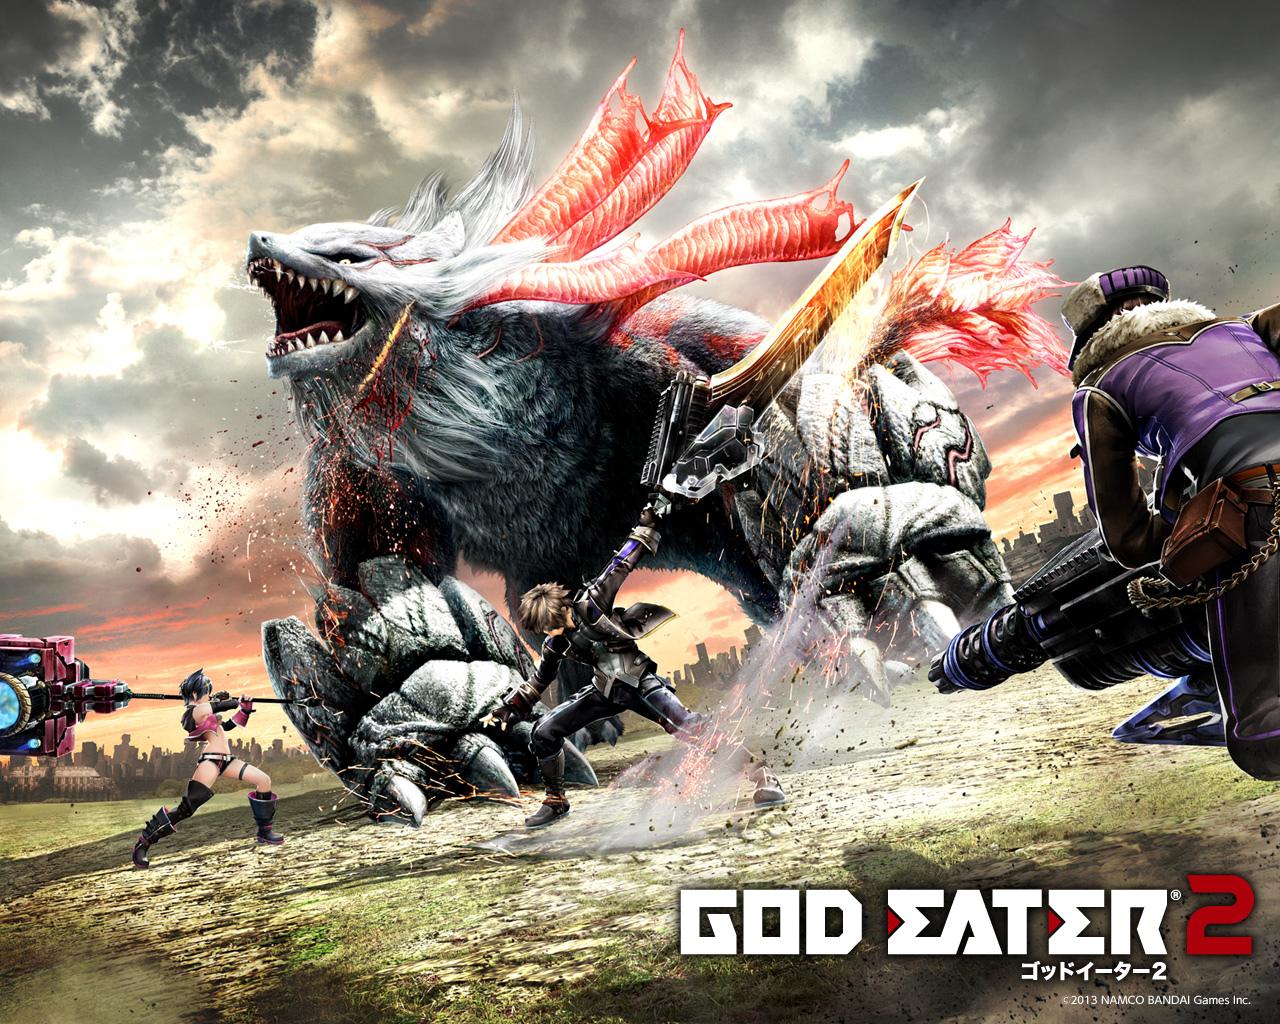 噬神戰士2 ゴッドイーター2